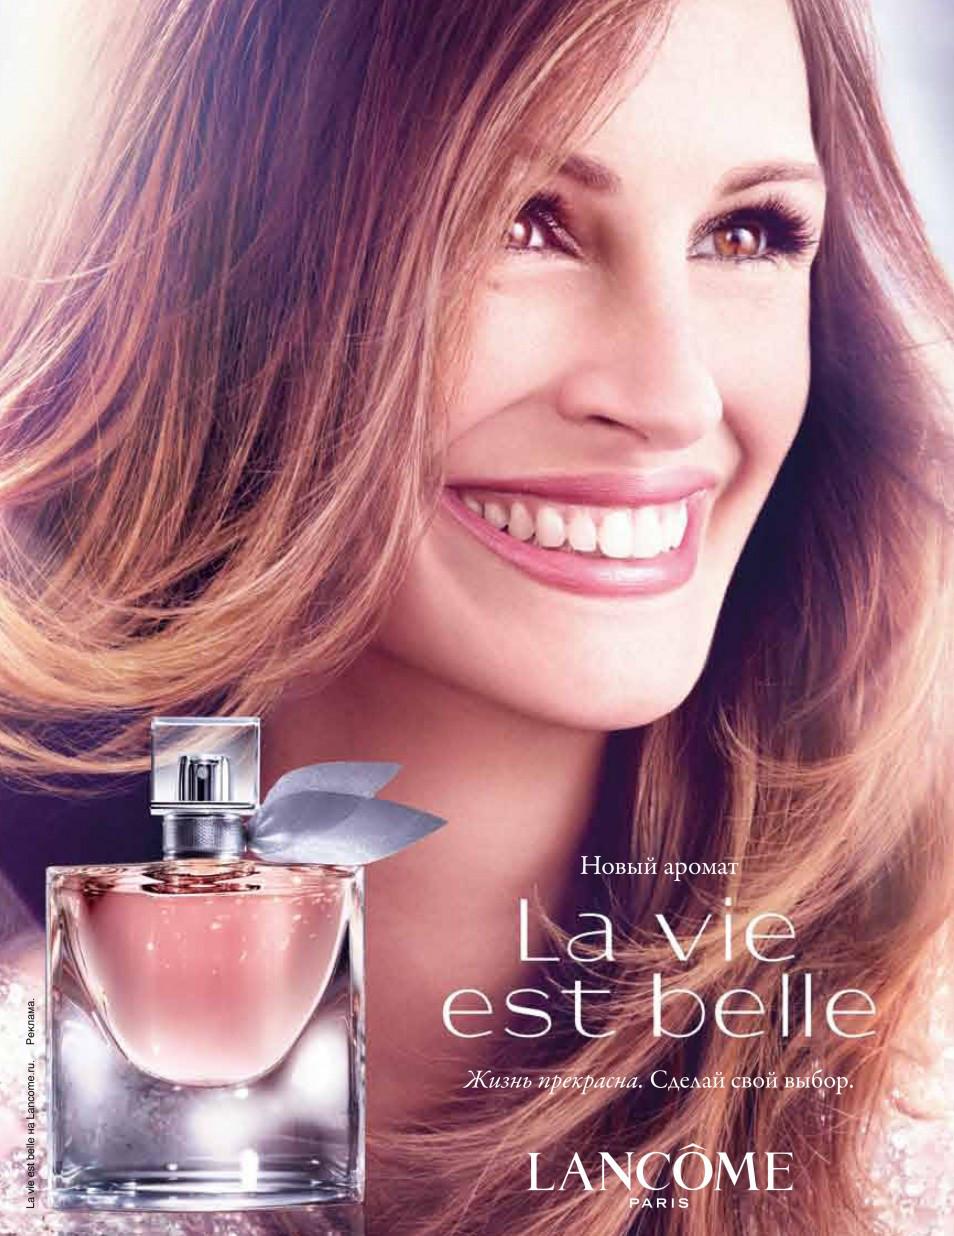 La Vie Est Belle Lancome (Ла ви Эст бэль. Ланком)(100 мл)